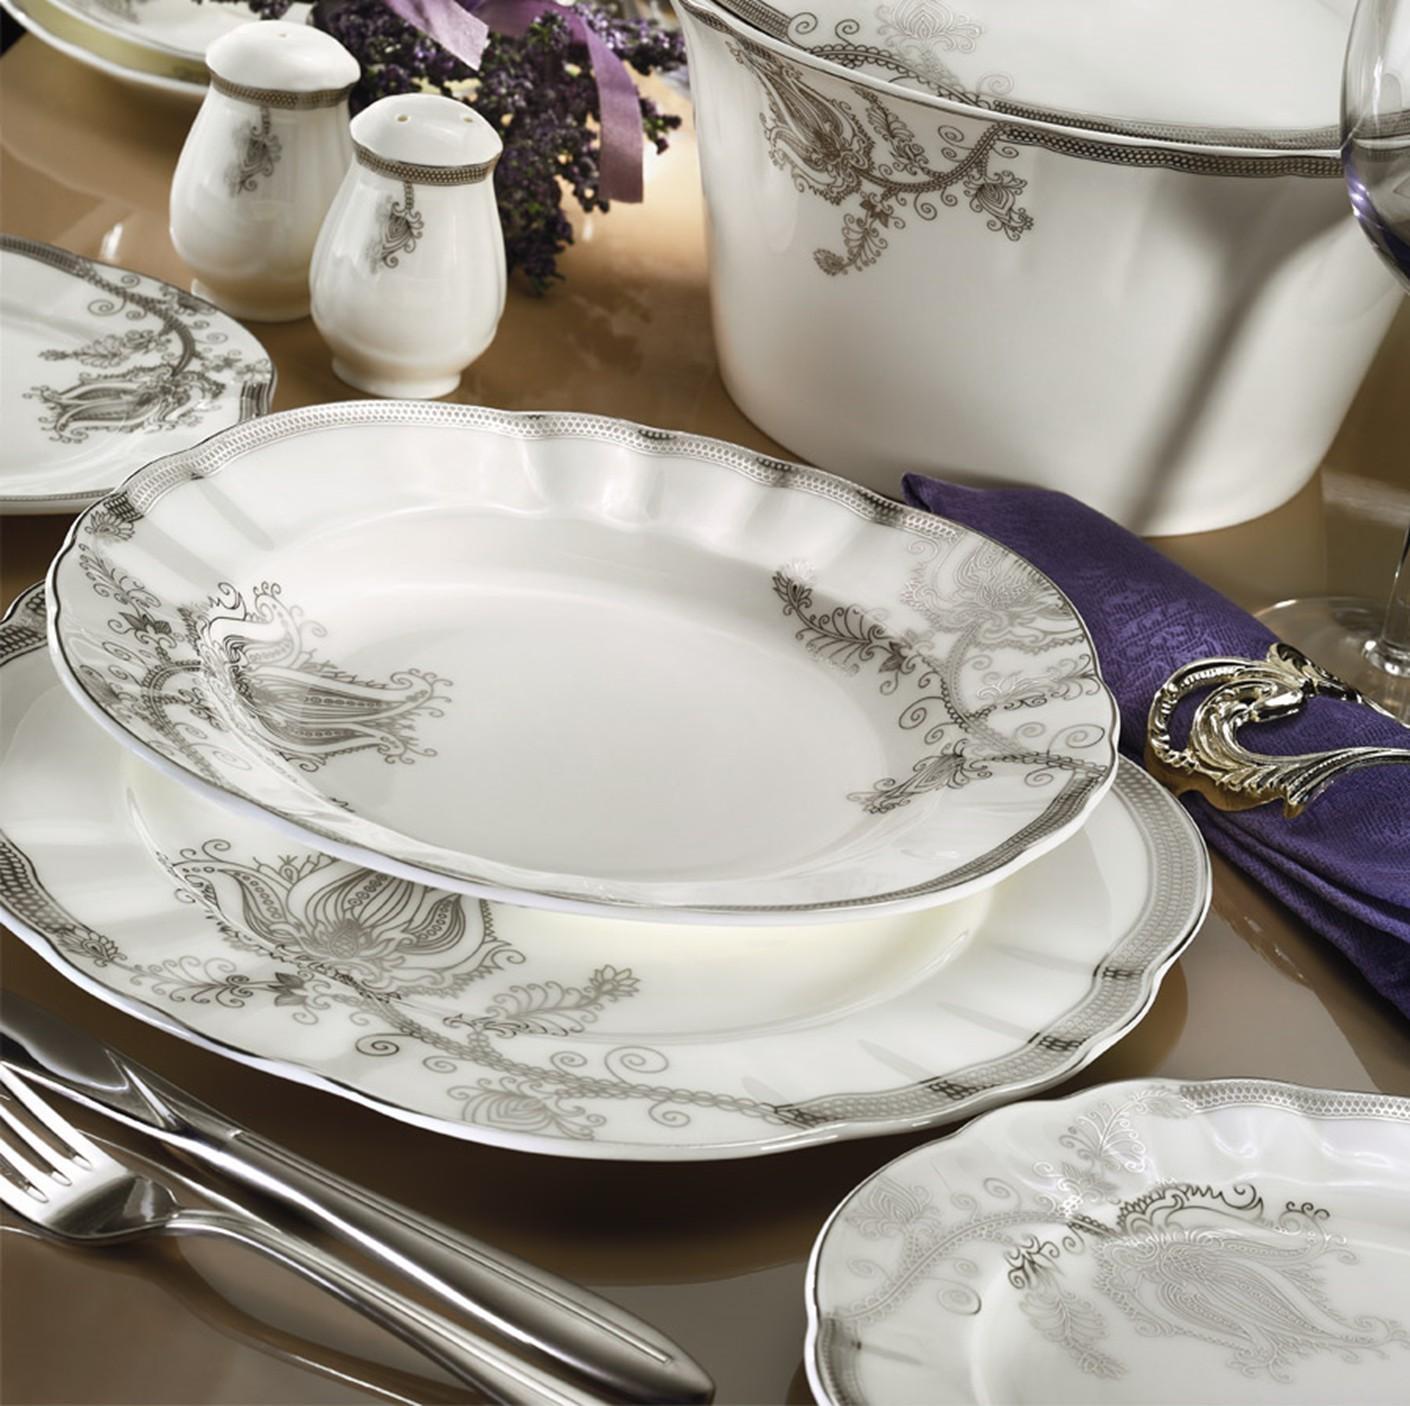 Kutahya Porselen MITTERTEICH ROMANS 84 Pieces 50118 Patterned Dinnerware Set